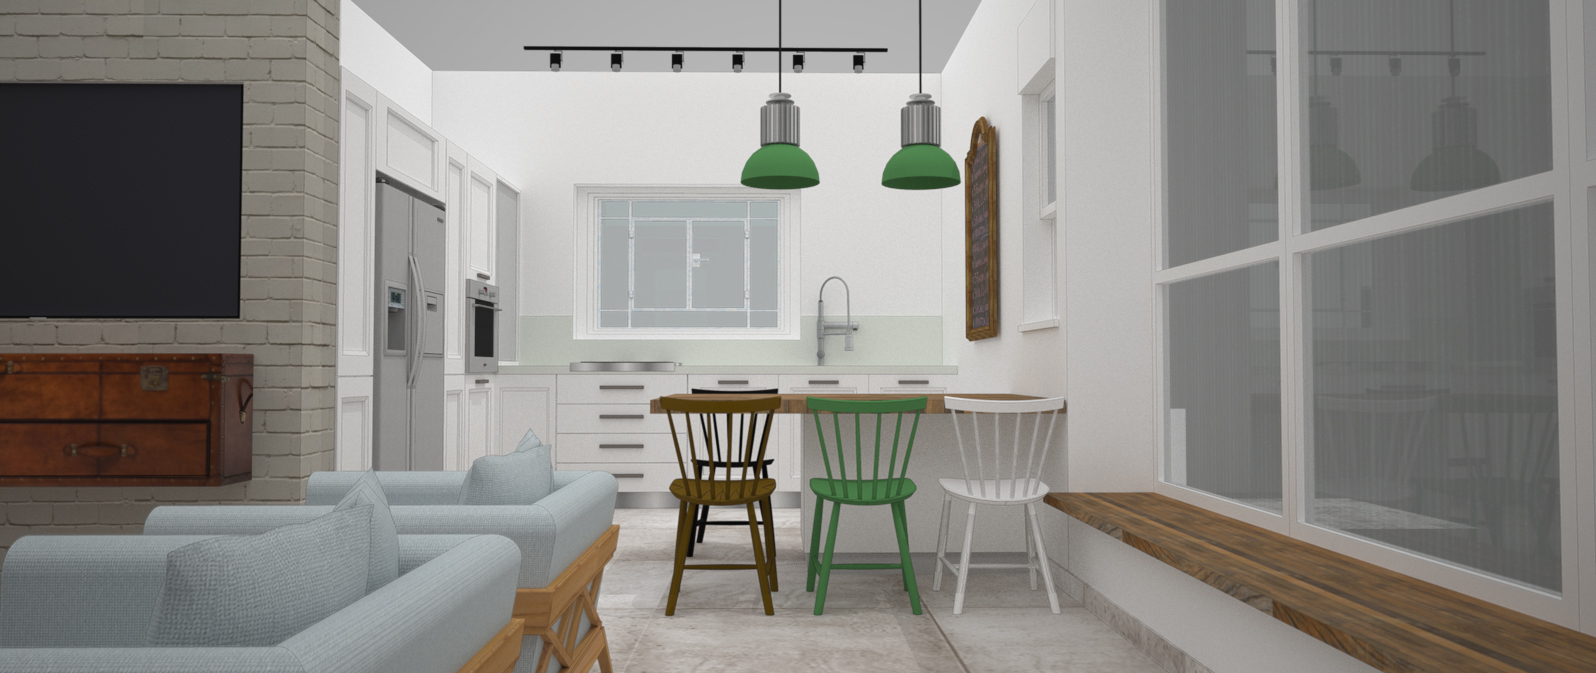 002 kitchen.jpg